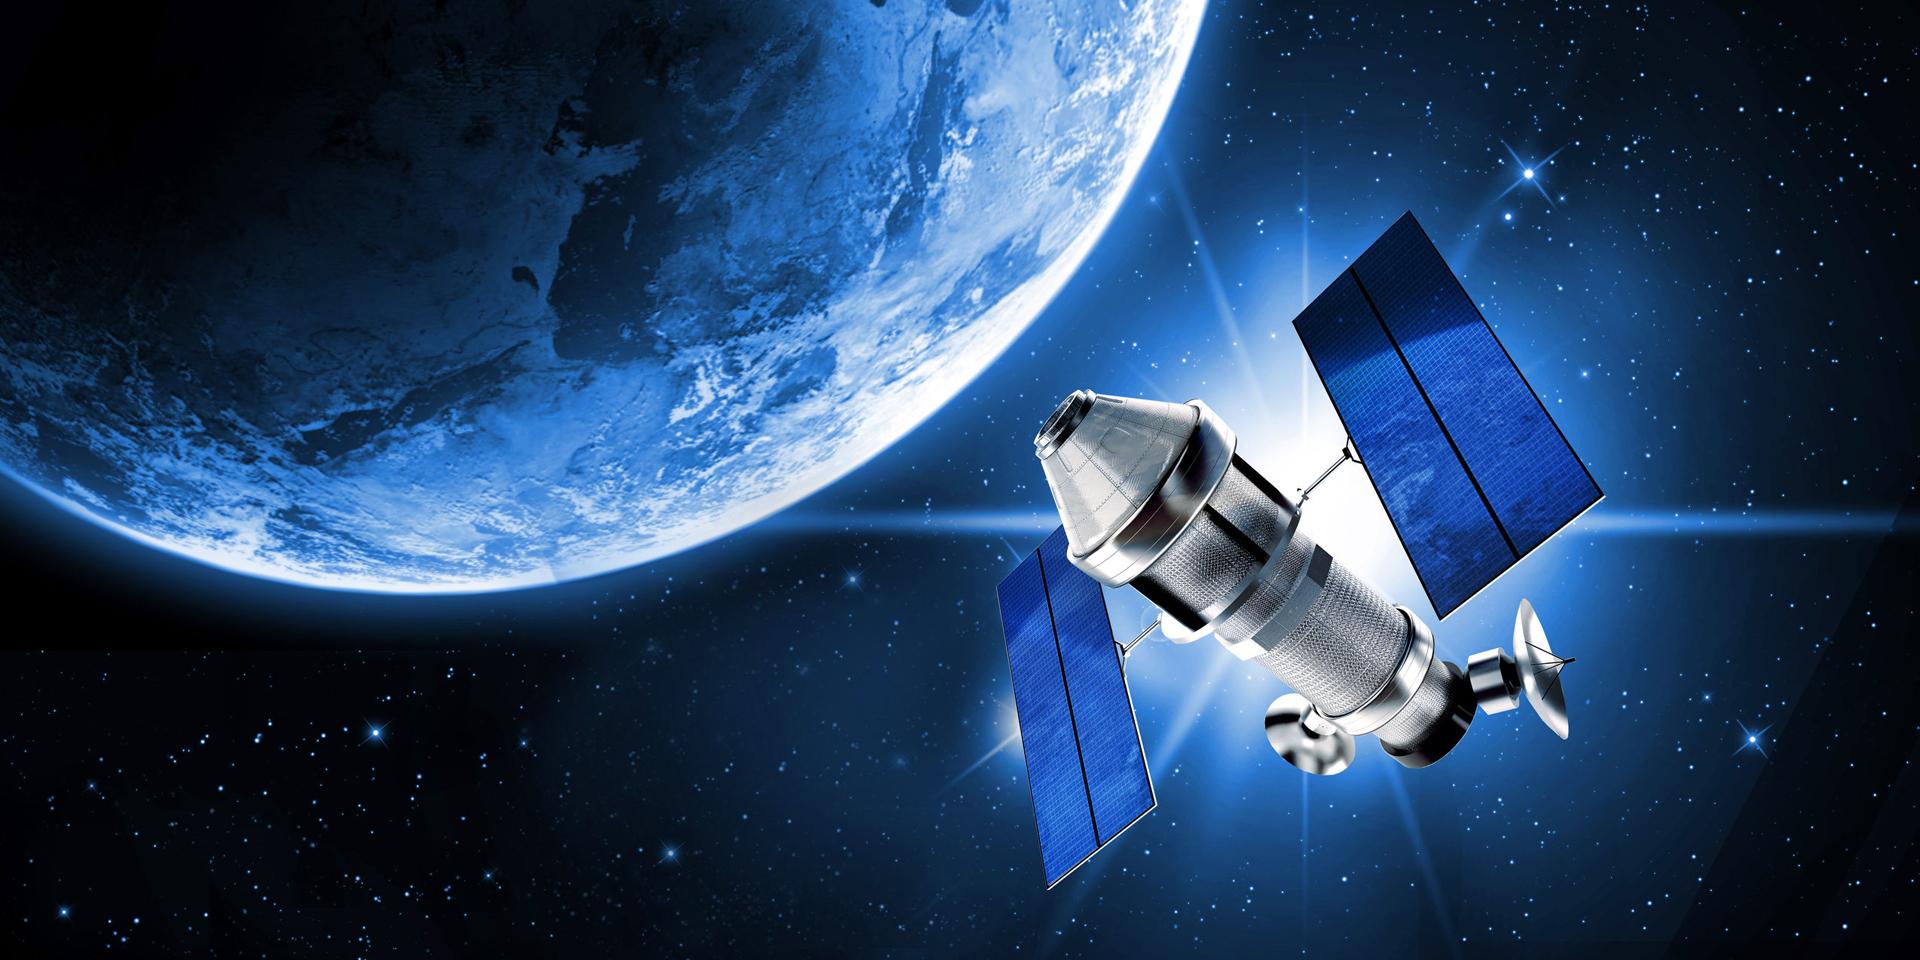 Спутниковая кооперативная связь